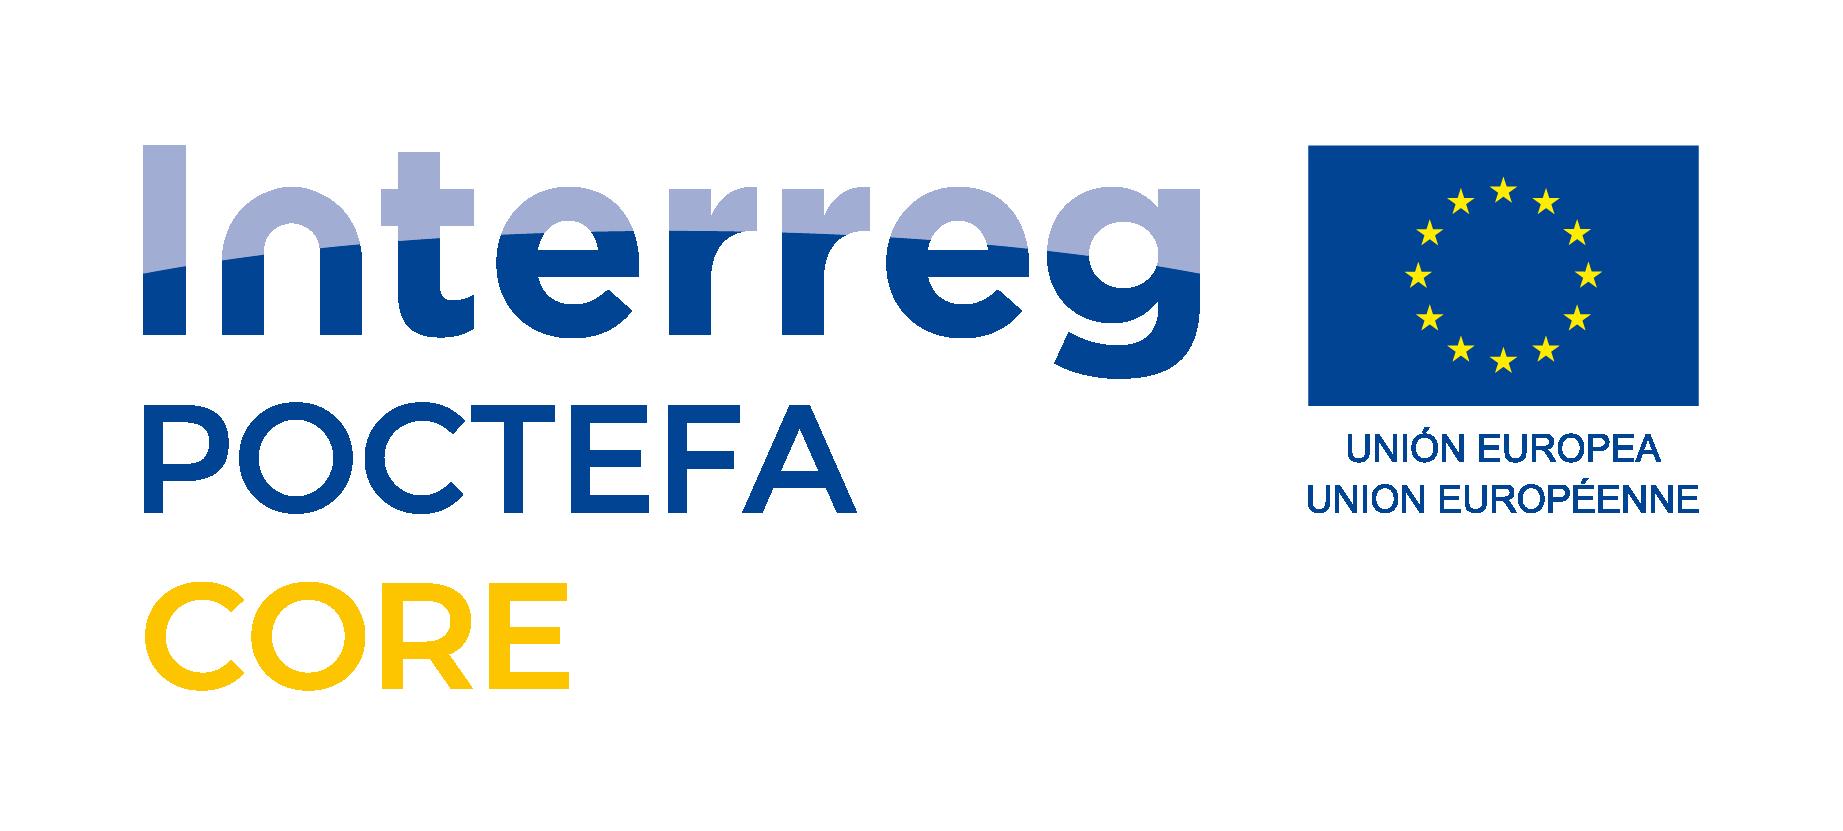 PROYECTO EUROPEO CORE PARA LA TRANSFORMACIÓN DIGITAL DEL COMERCIO